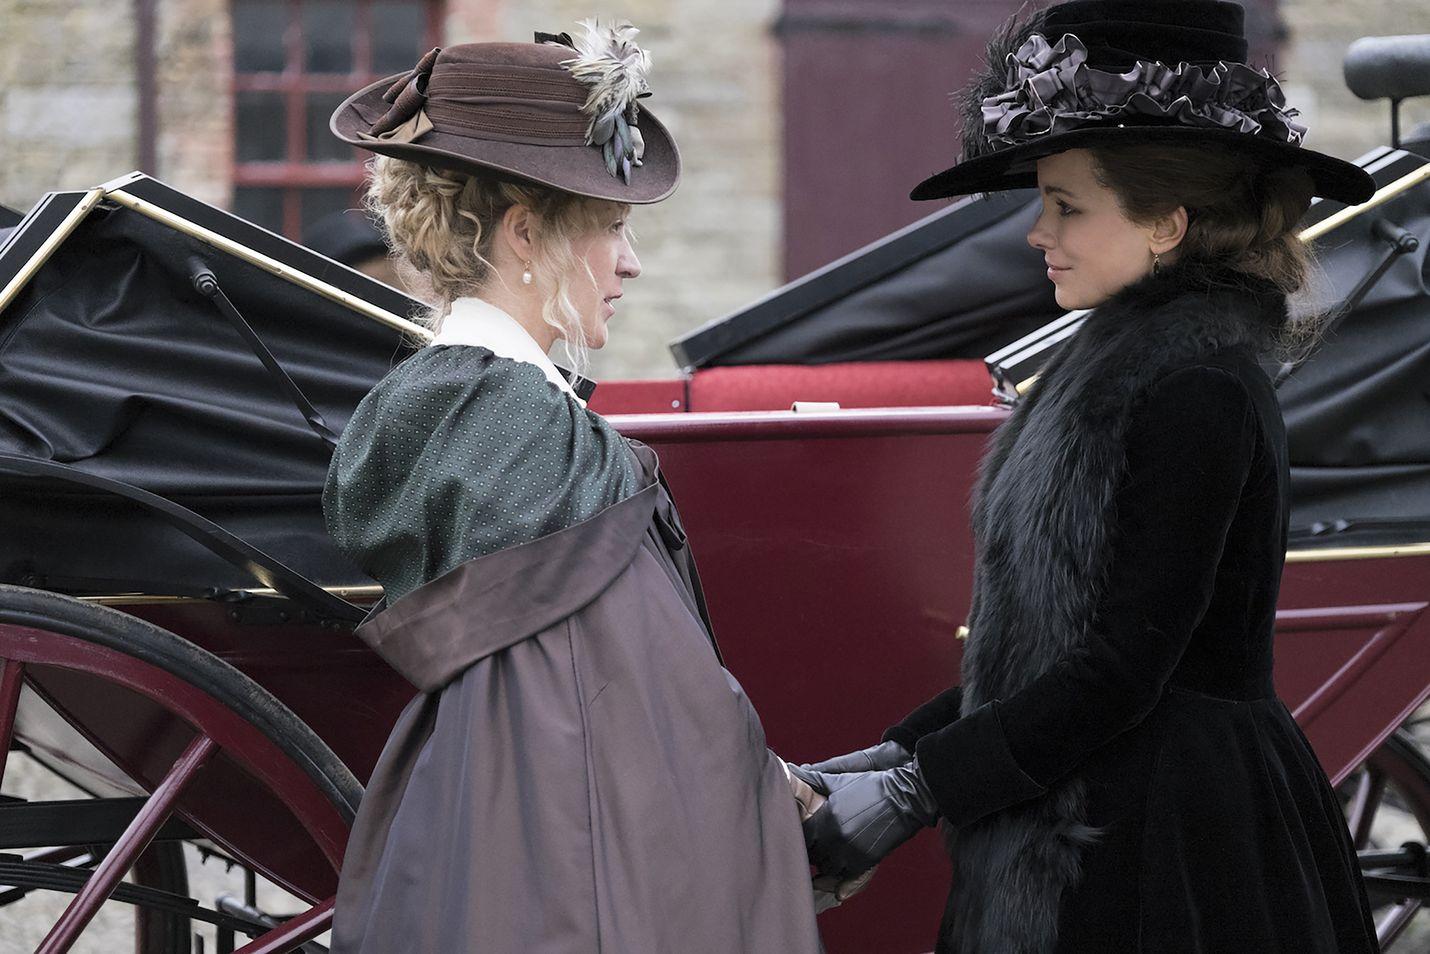 Love and Friendshipissä Lady Susan Vernon (Kate Beckinsale) on jäänyt varattomaksi leskeksi, jonka tarkoituksena on hankkia itselleen ja tyttärelleen (Chloë Sevigny) aviomiehet.